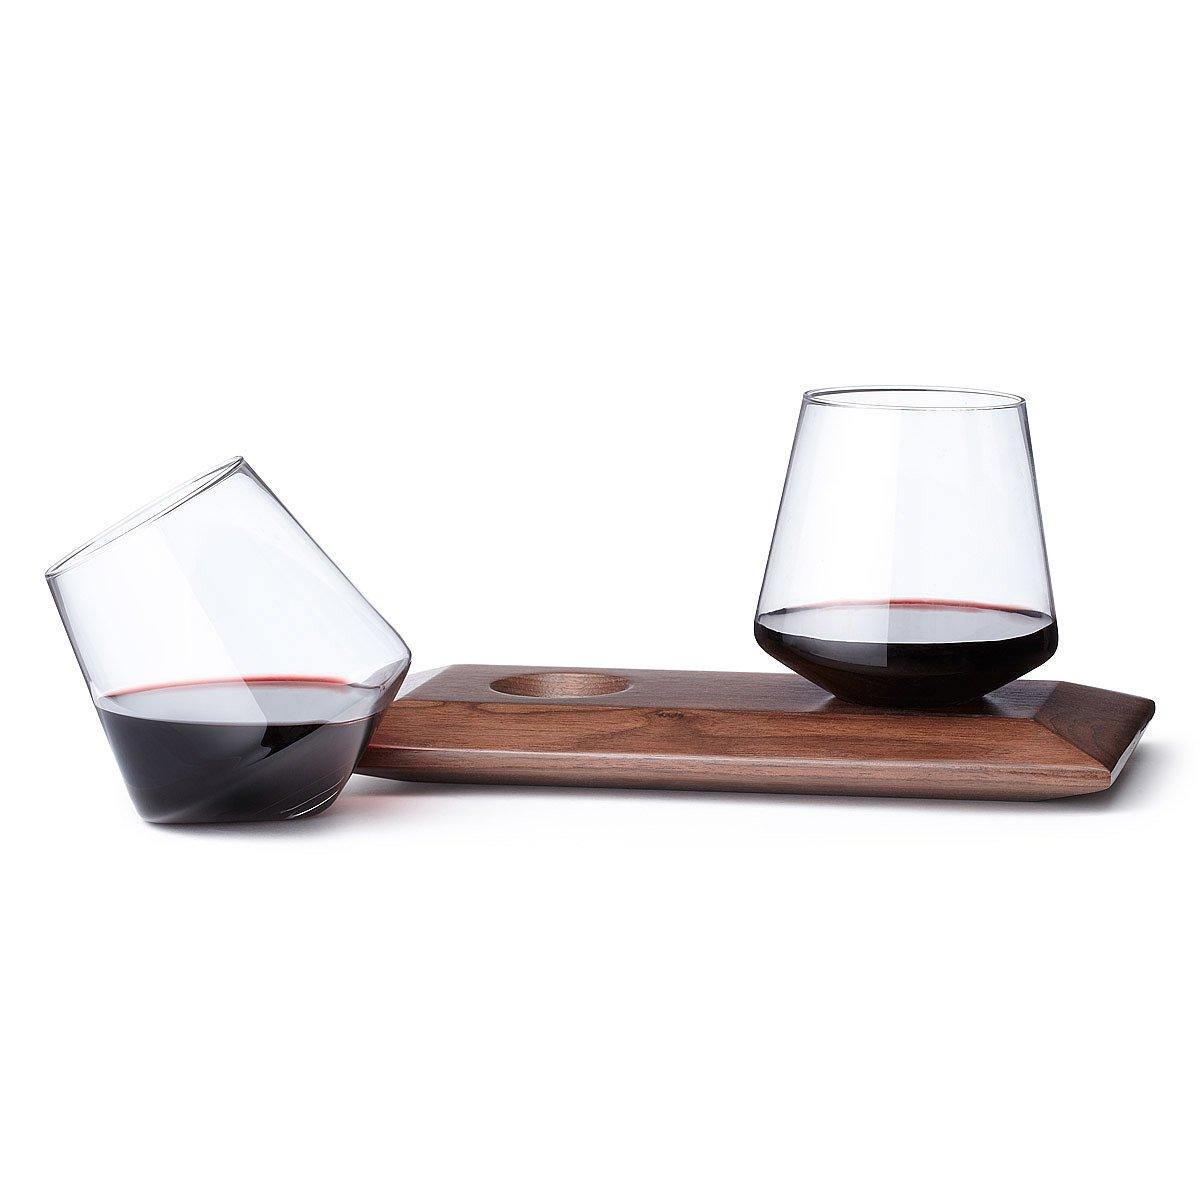 cupa glasses u0026 wood holder 1 thumbnail